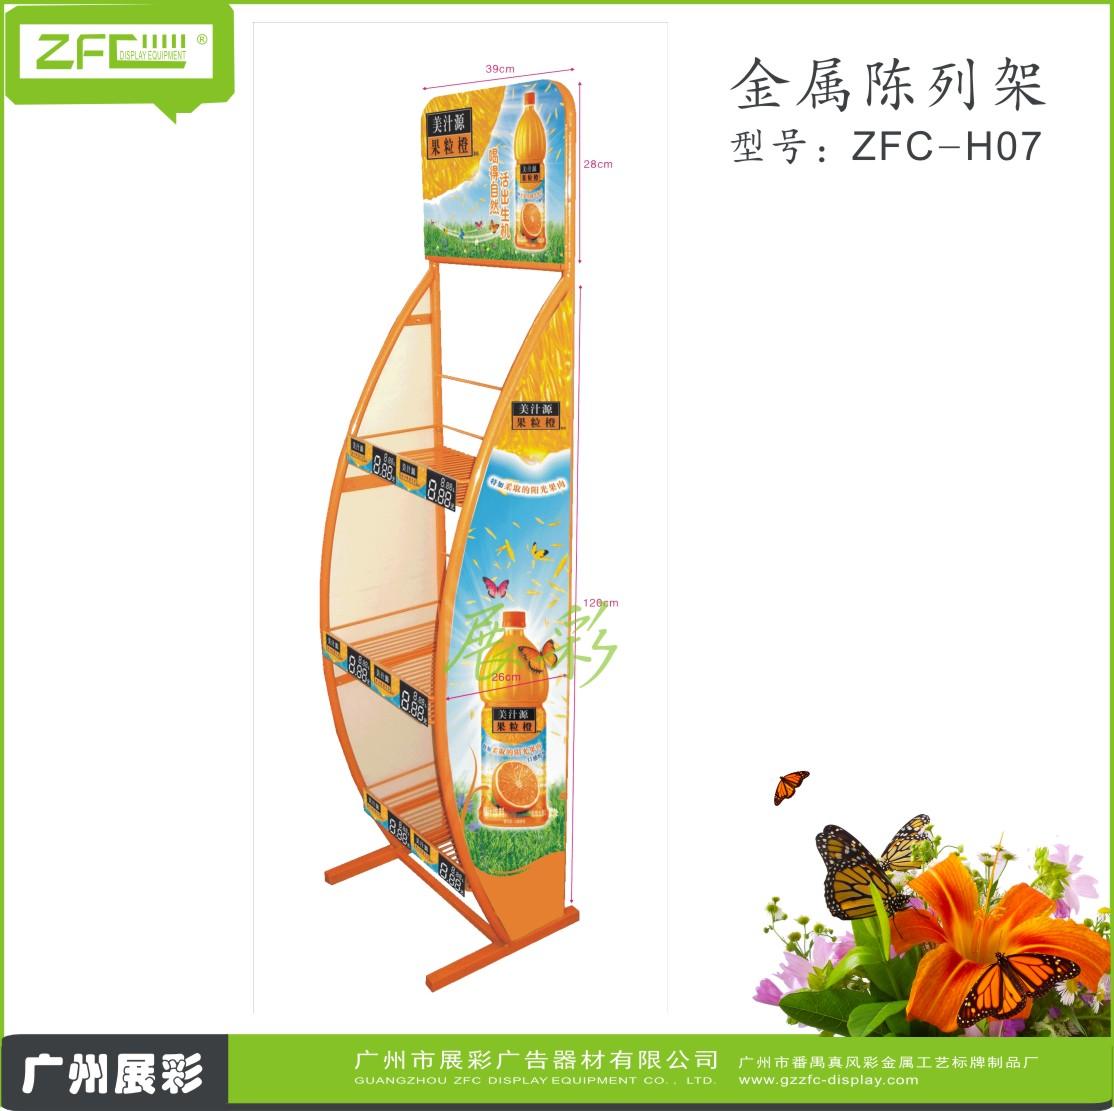 金属陈列架ZFC-H07